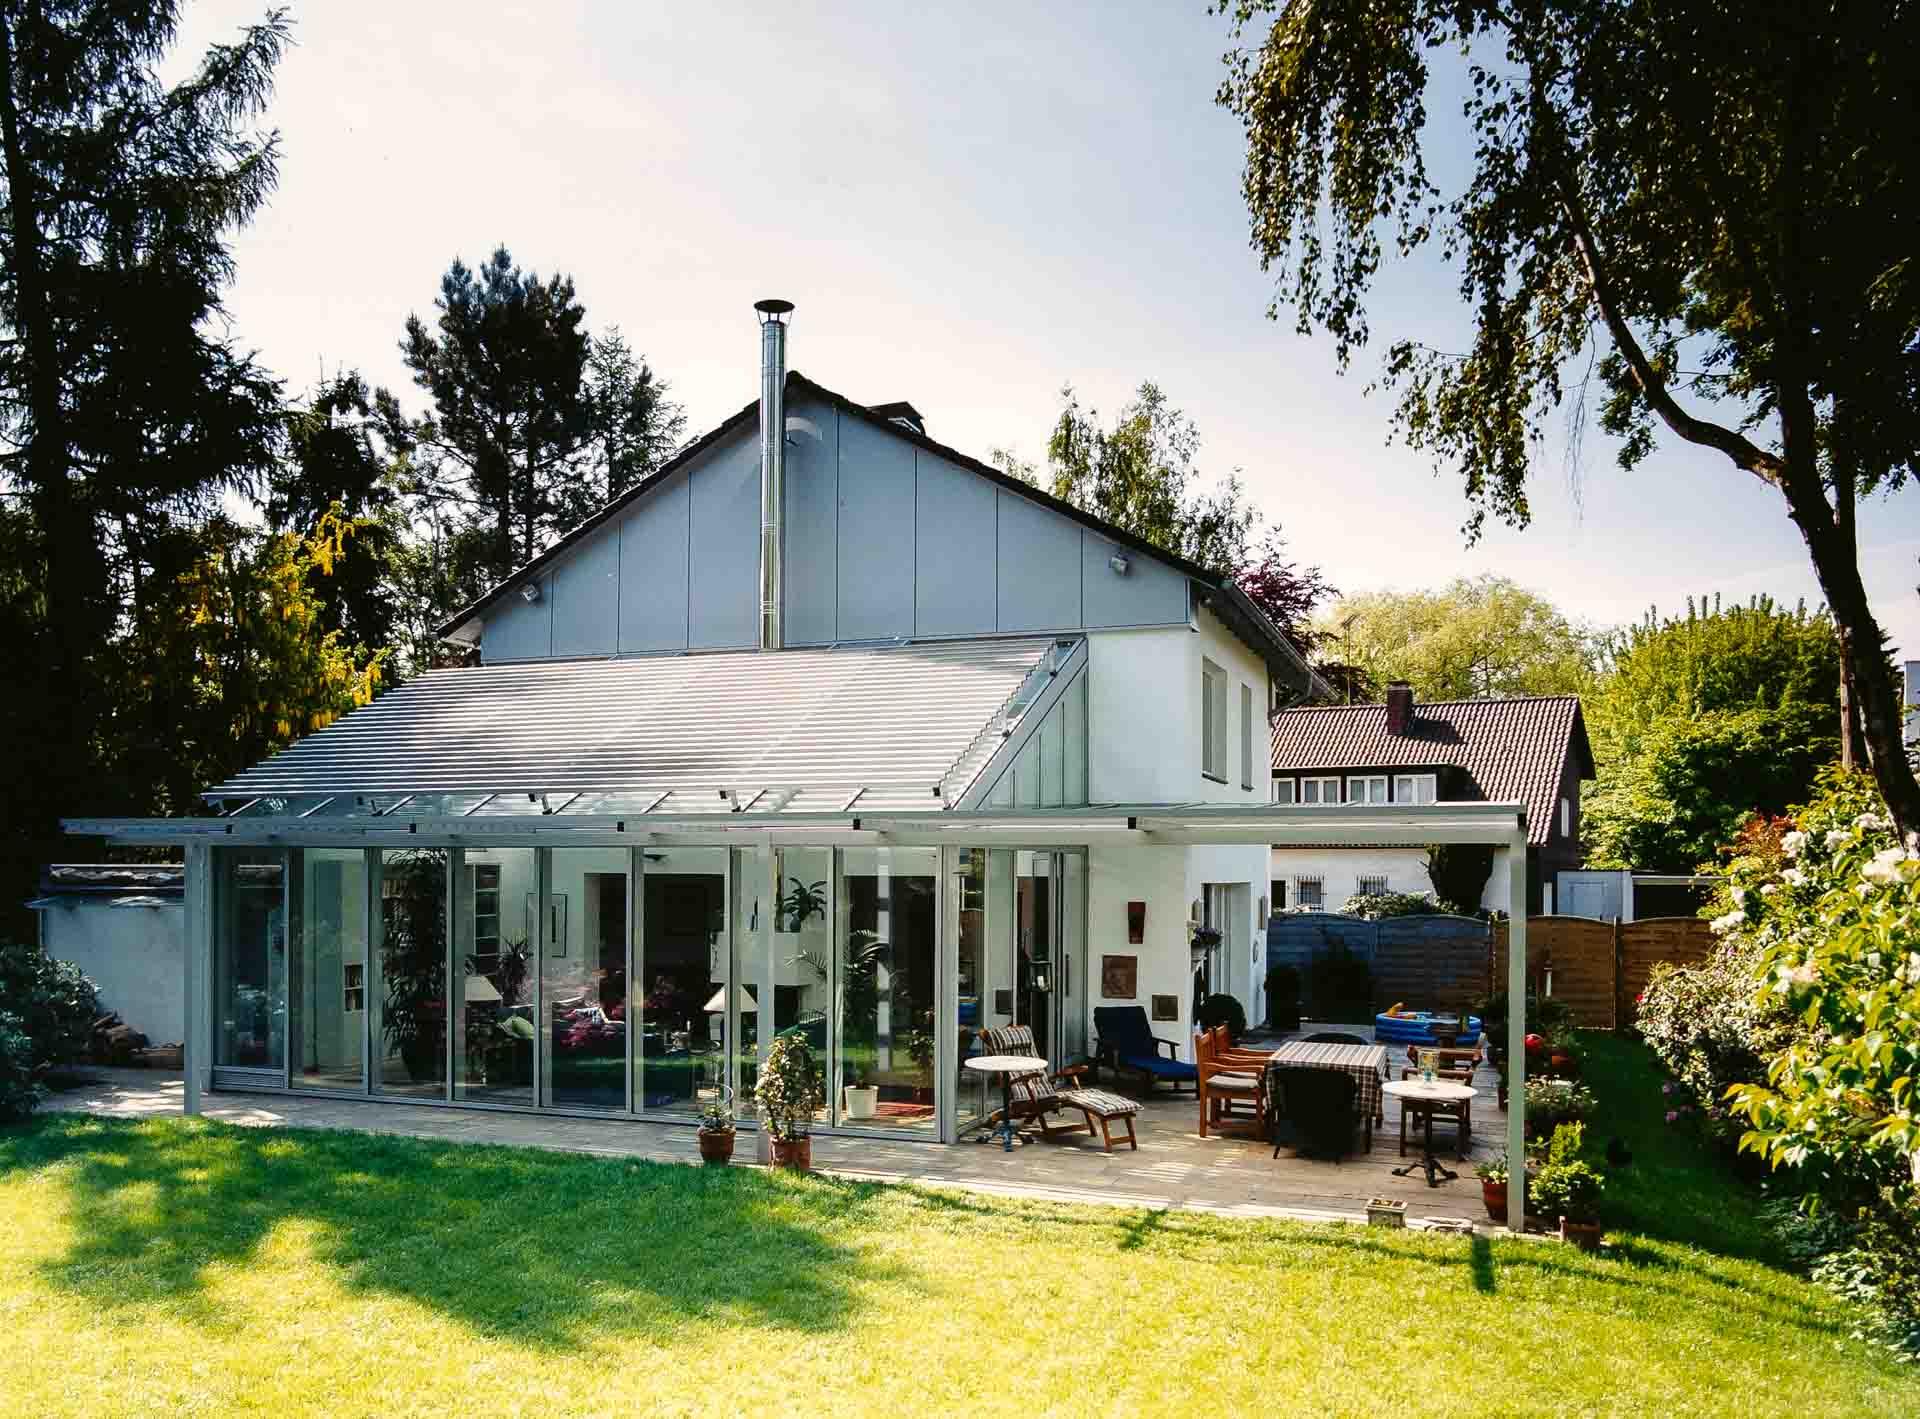 FineArt Wintergarten in Dortmund (Objekt 806). Dachflächen-Sonnenschutz durch graziles Aluminium-Lamellensystem